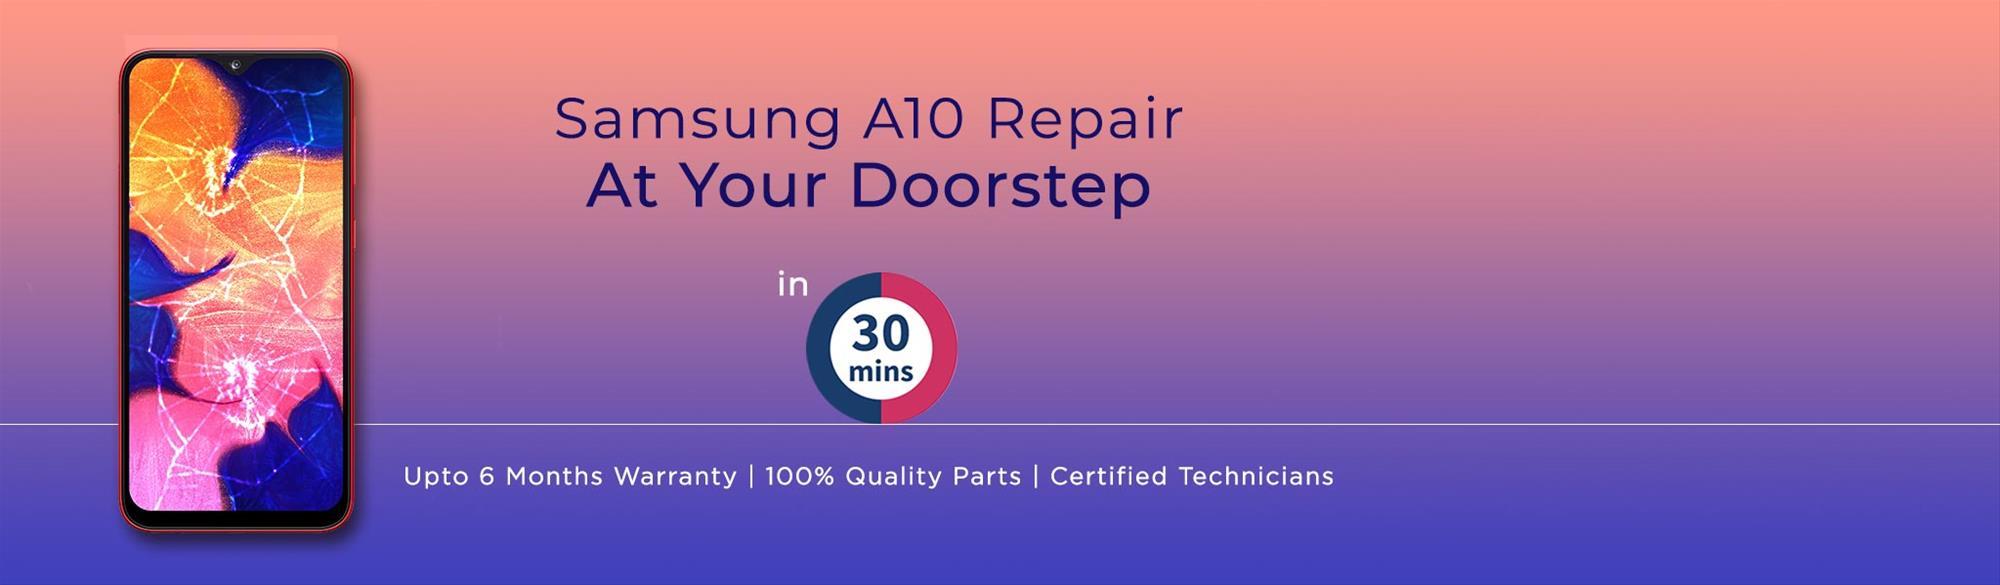 samsung-A10-repair.jpg